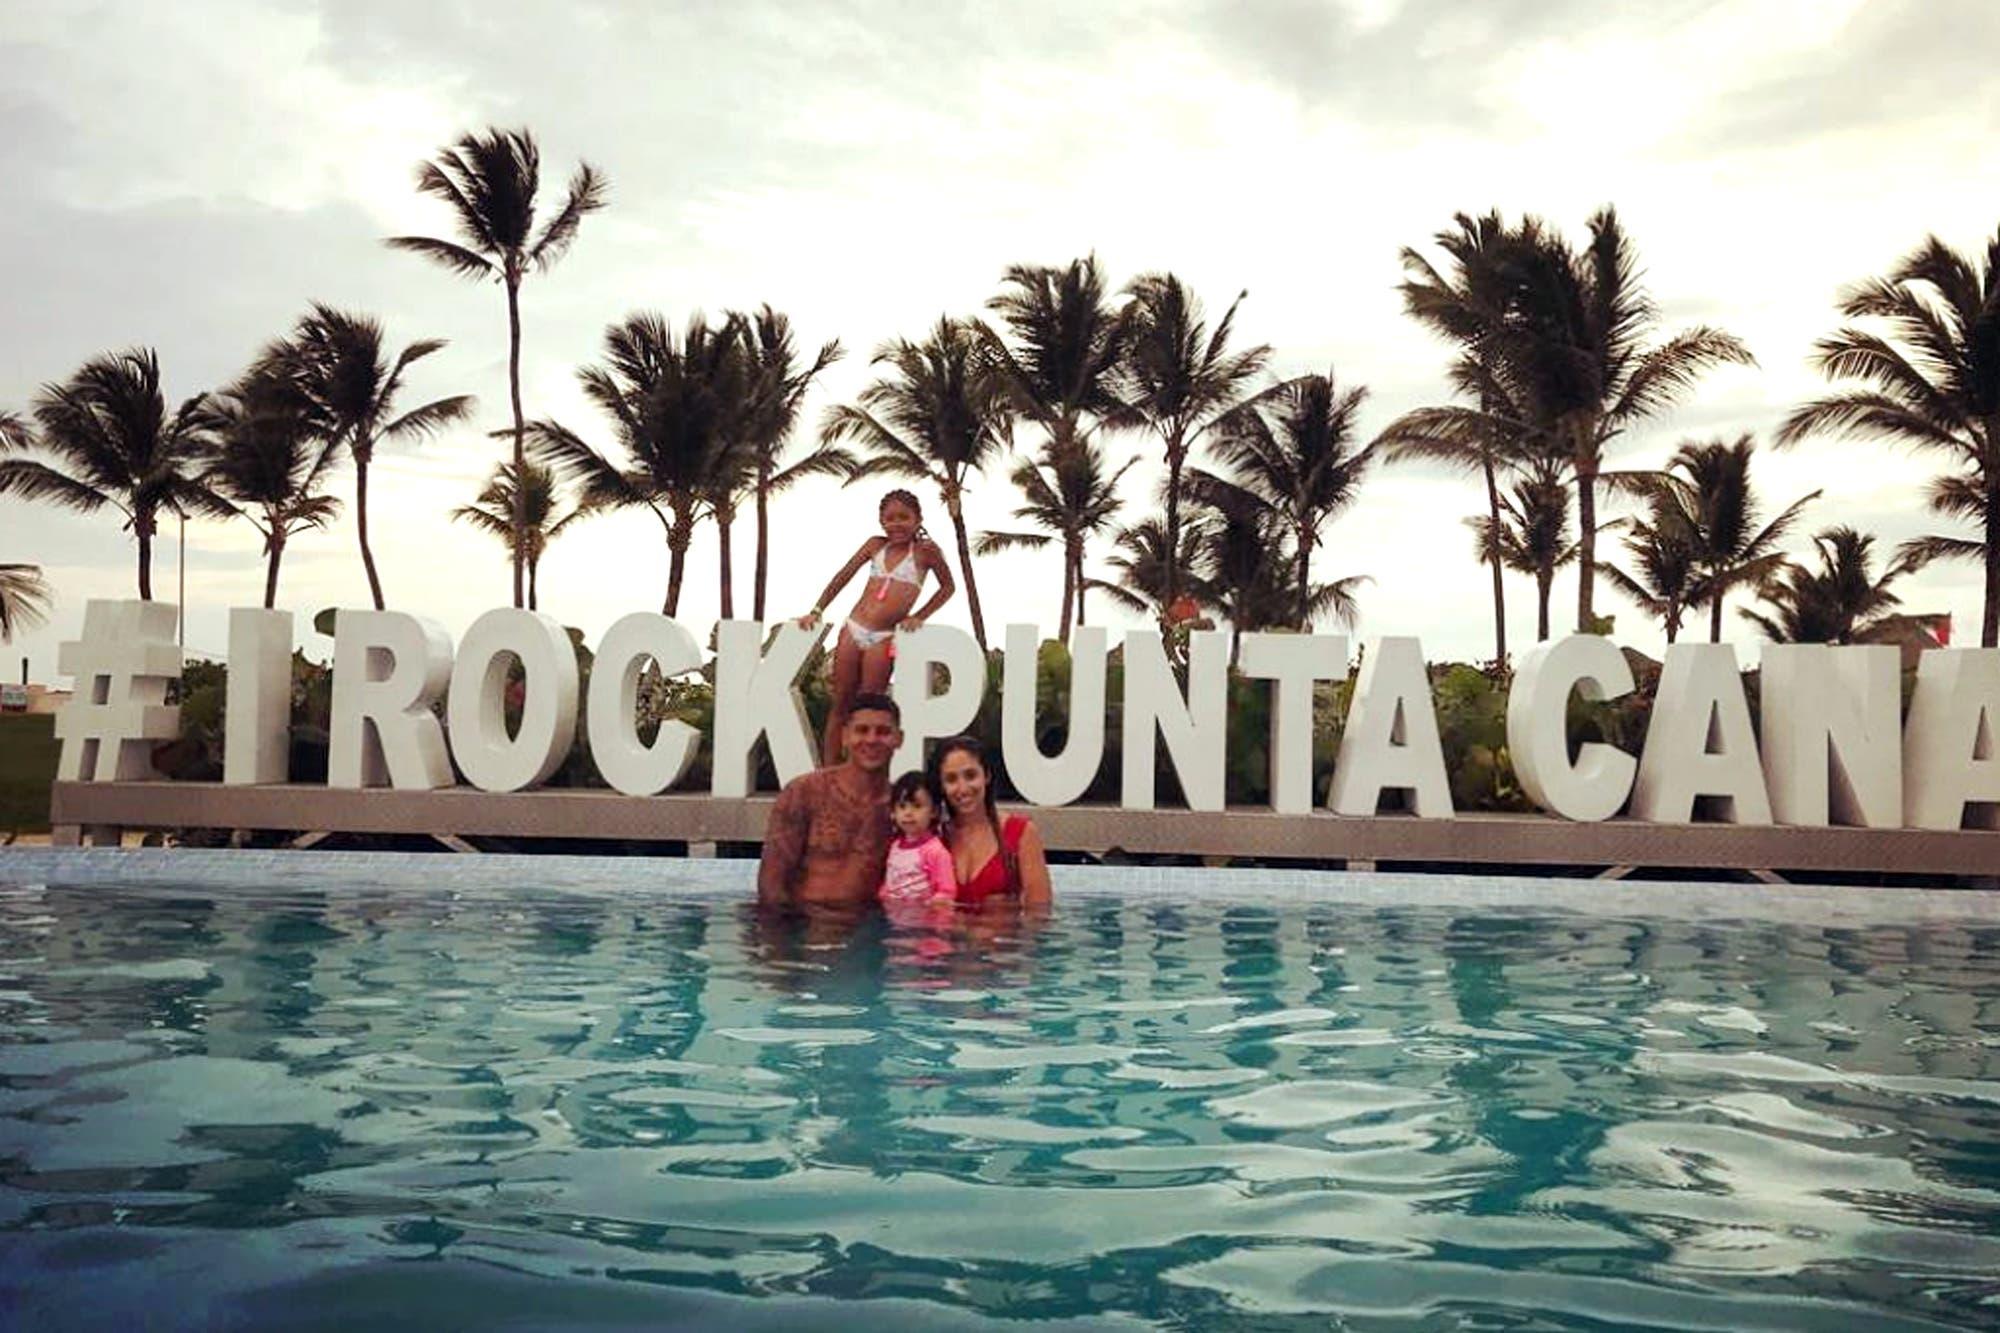 Marcos Rojo interrumpió sus vacaciones en Punta Cana luego de siete muertes misteriosas